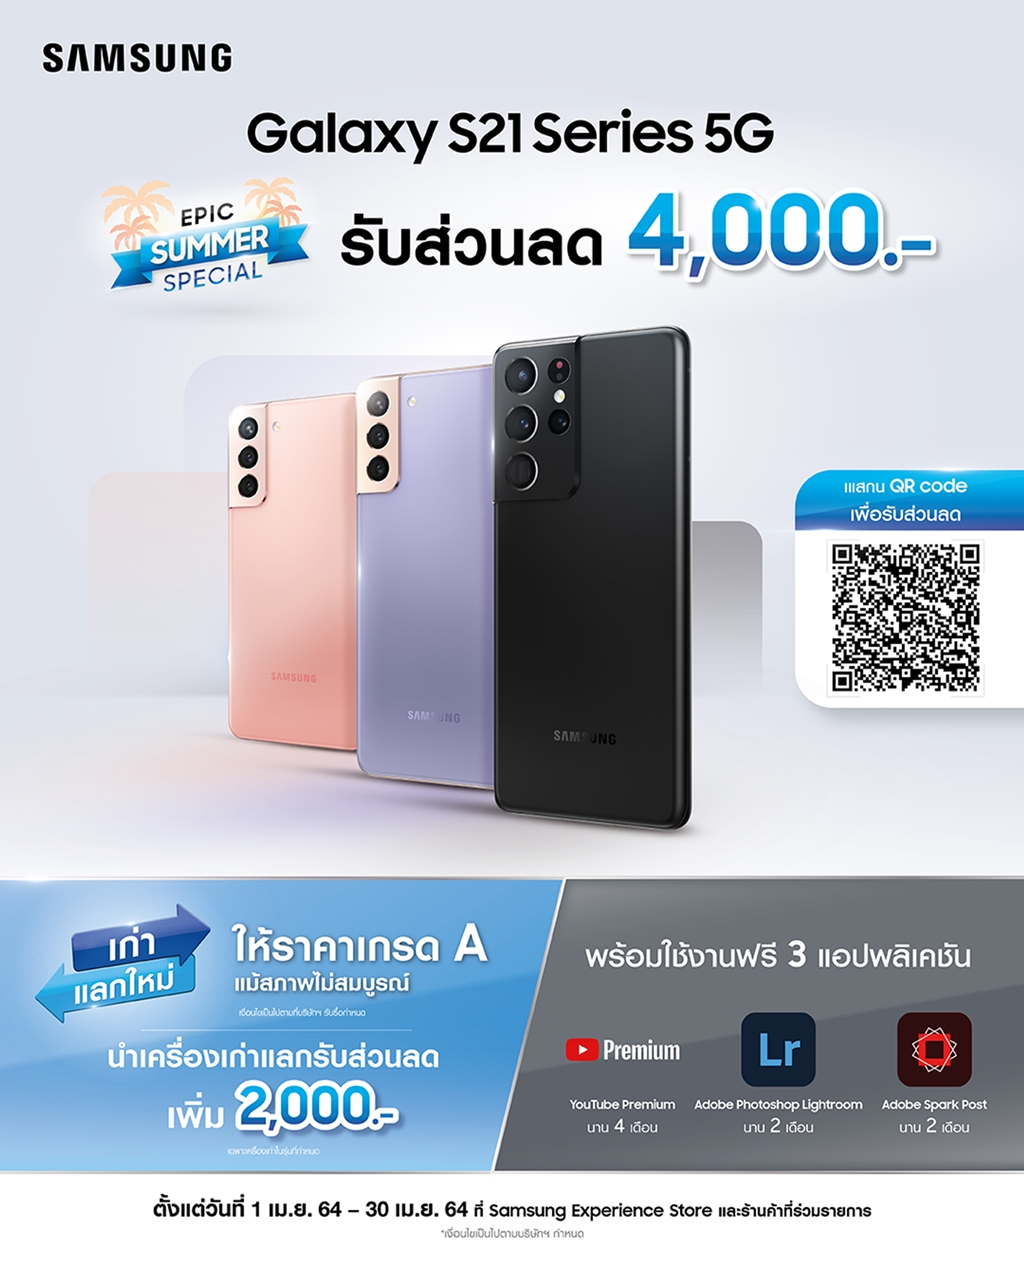 โปรสุดร้อนแรงต้อนรับซัมเมอร์ Epic Summer Special ซื้อ Samsung Galaxy S21 Series 5G วันนี้ รับส่วนลด 4,000 บาททันที!